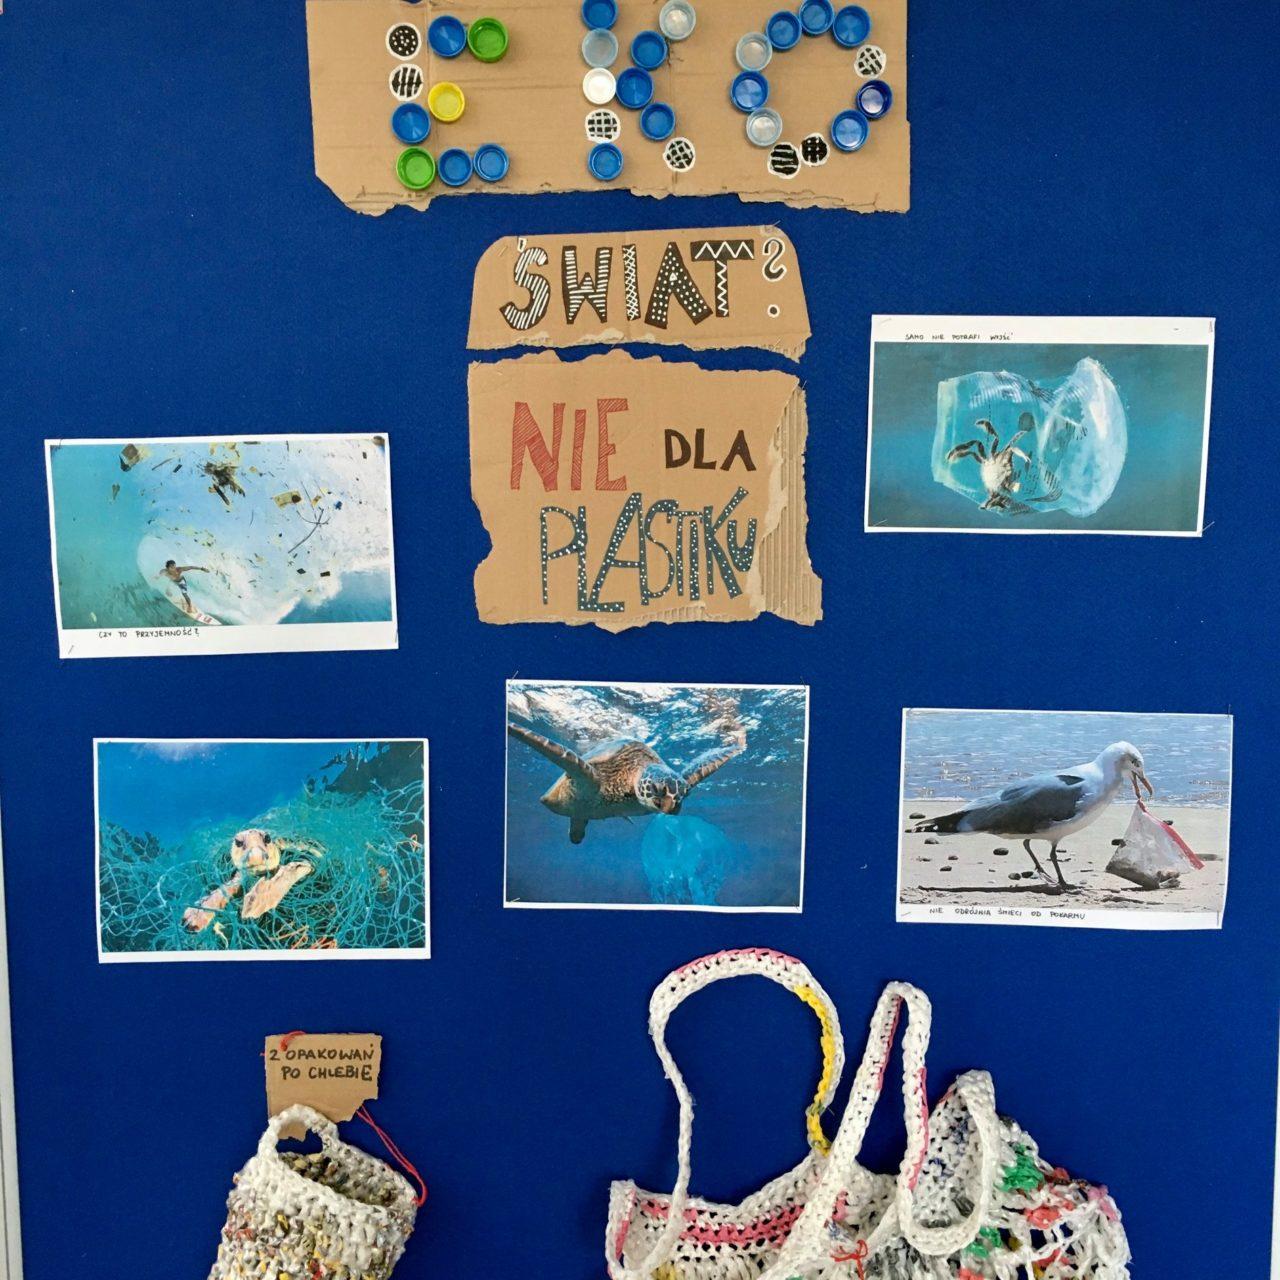 Nie dla plastiku - ekologiczna wystawa w Szkole Podstawowej nr 2